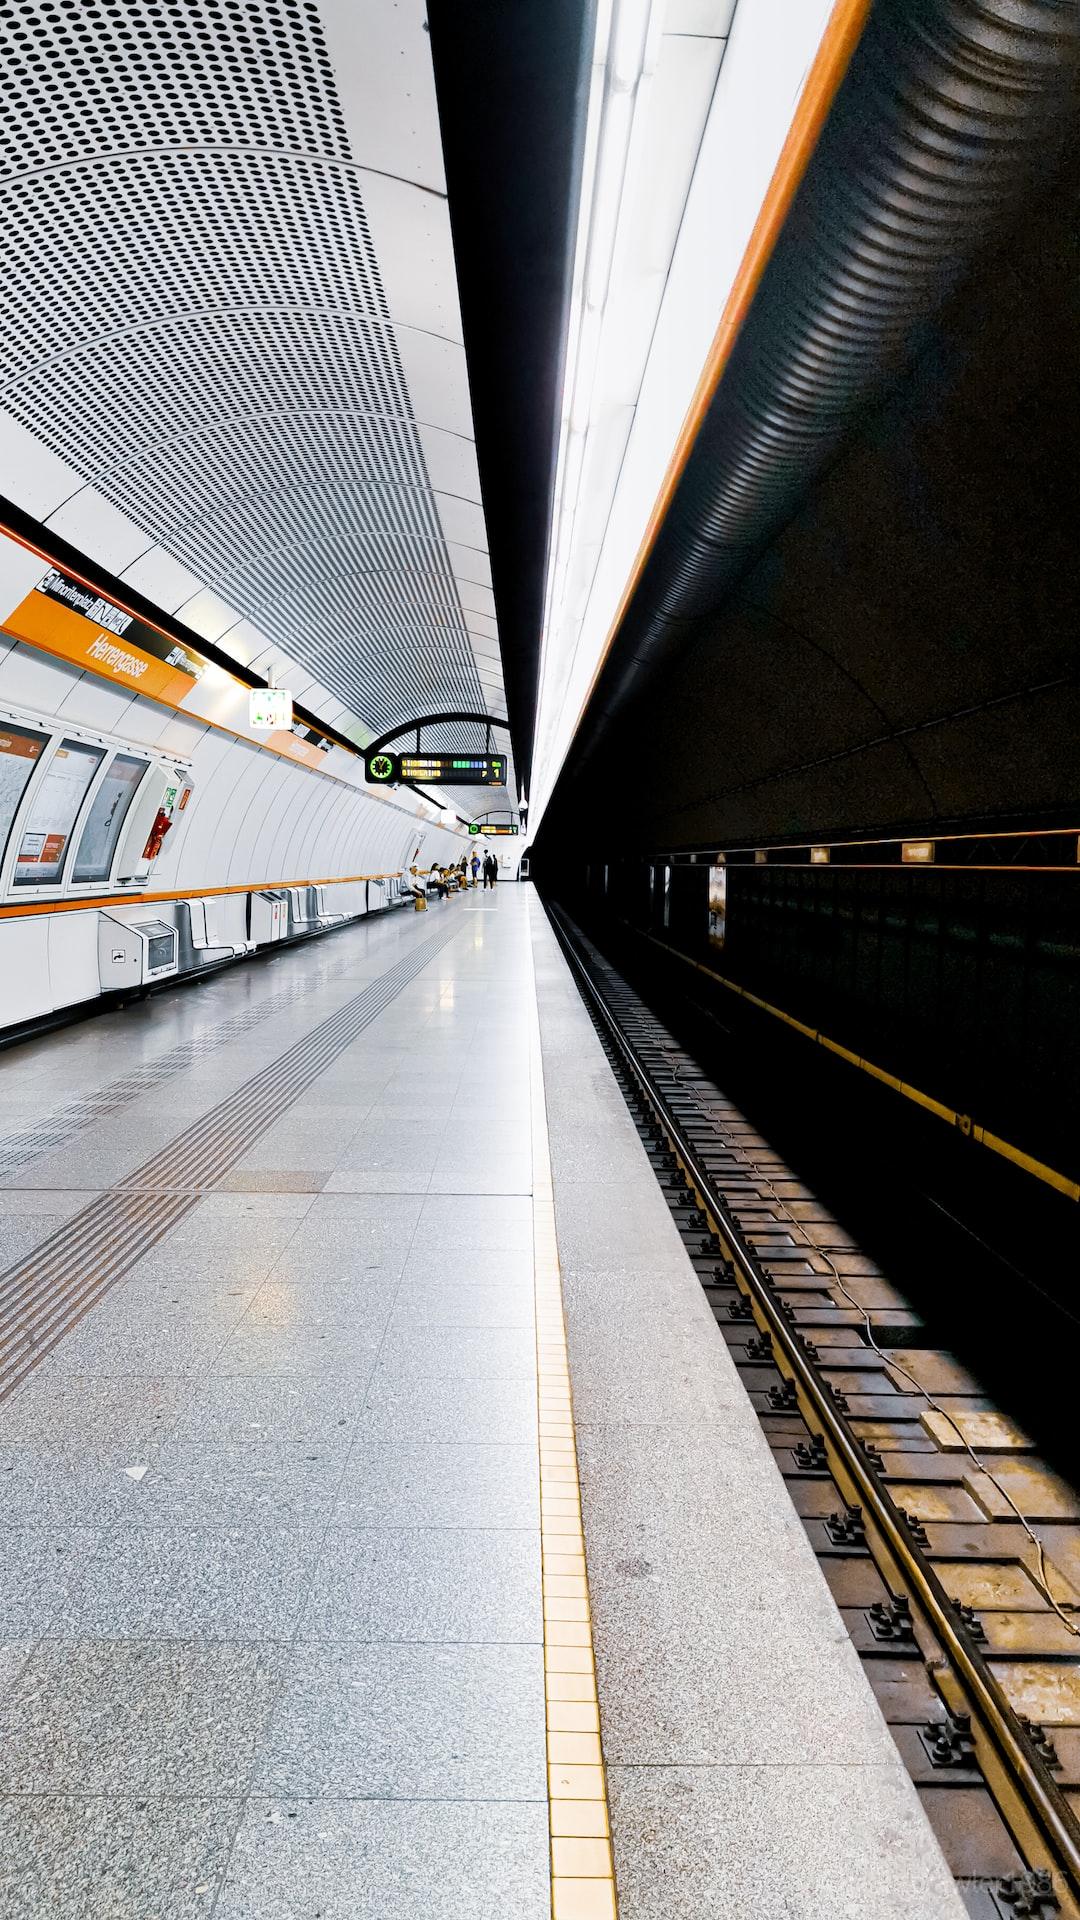 Herrengasse Station, Vienna Austria